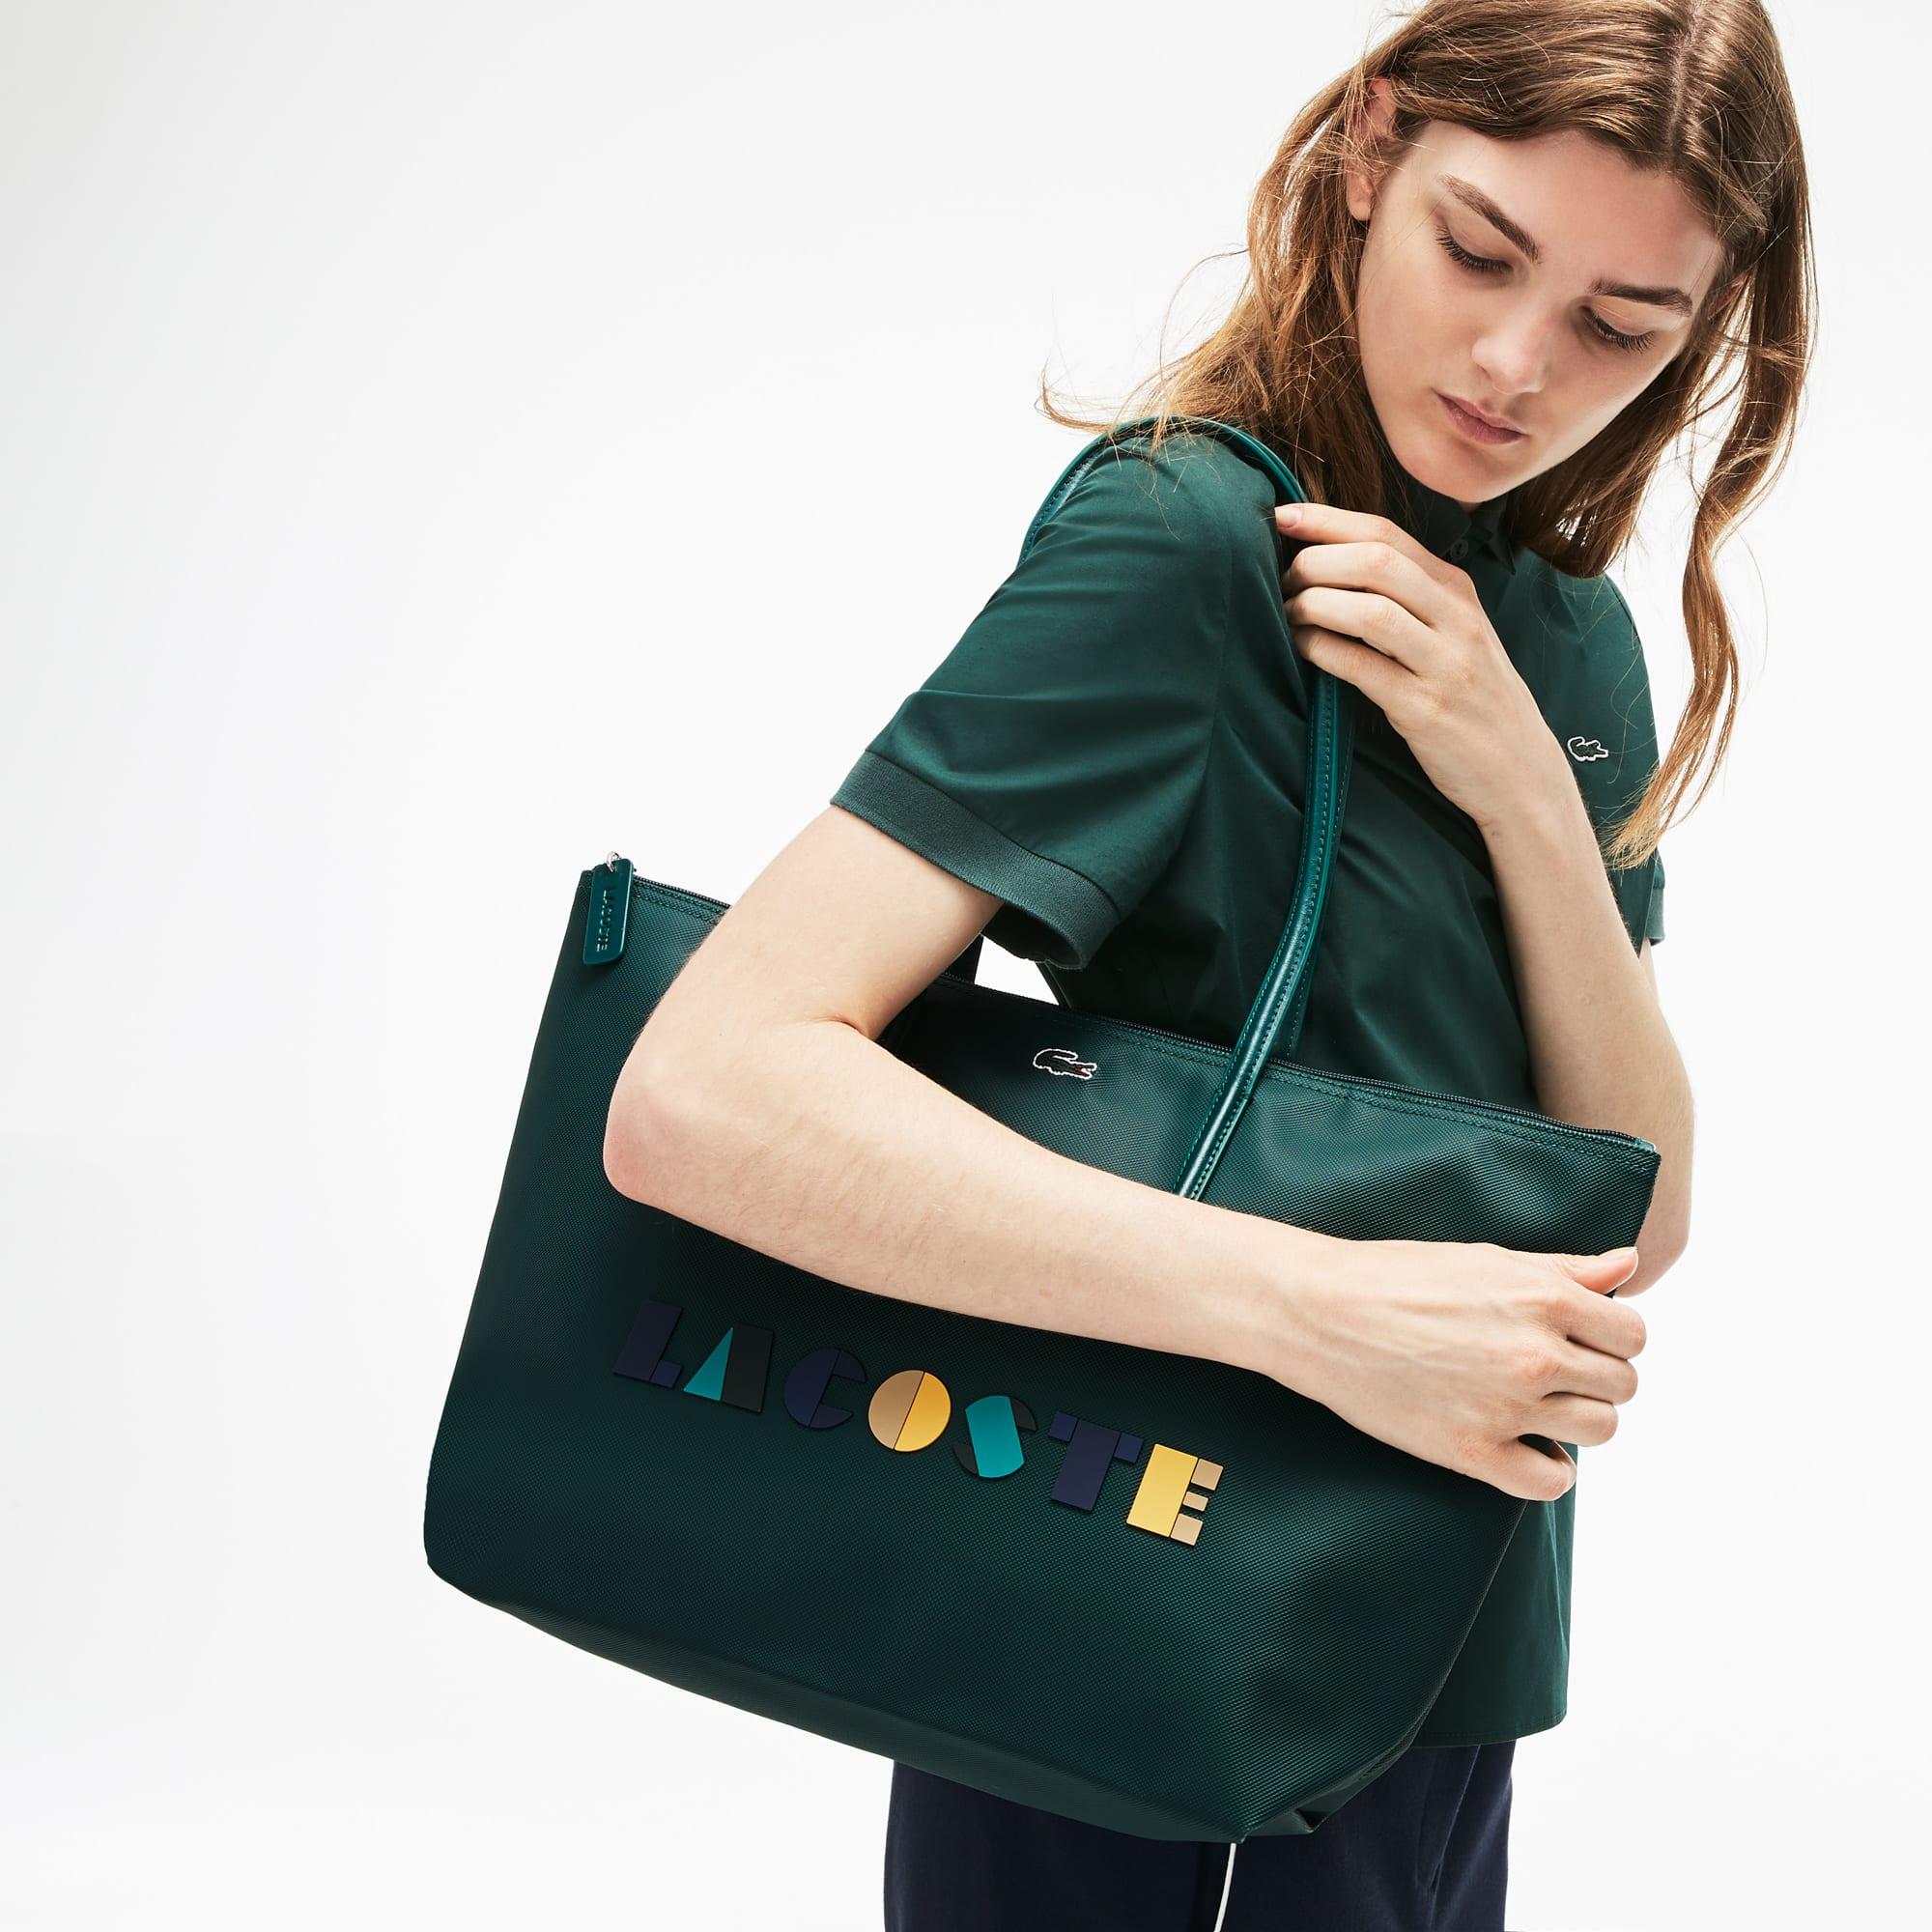 Grand sac cabas zippé L.12.12 Concept avec marquage Lacoste